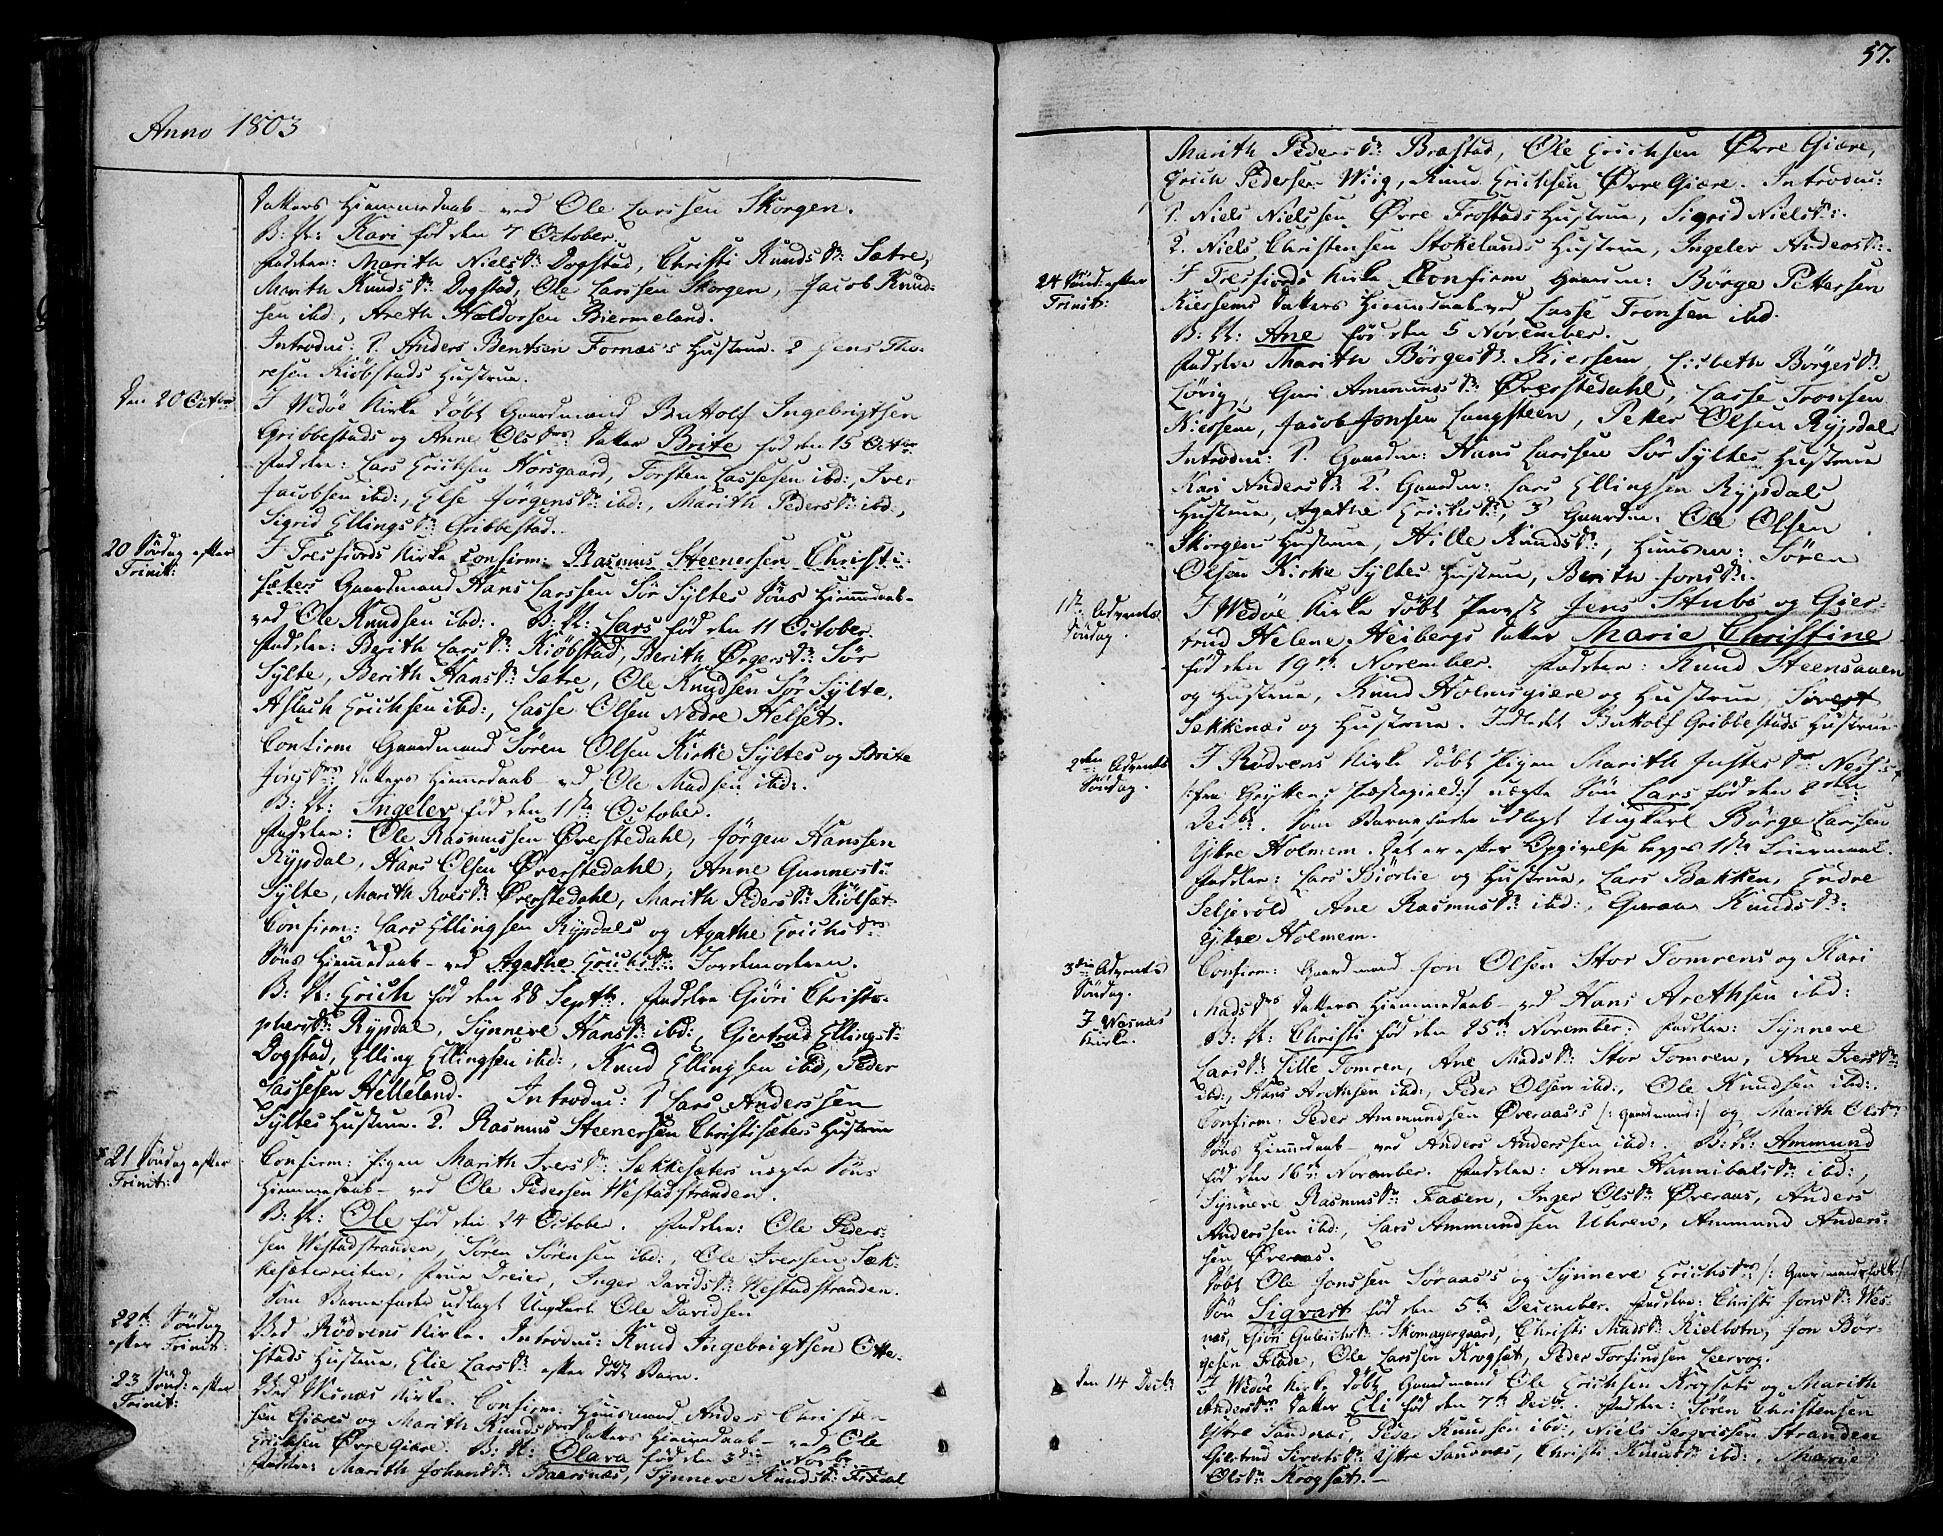 SAT, Ministerialprotokoller, klokkerbøker og fødselsregistre - Møre og Romsdal, 547/L0601: Ministerialbok nr. 547A03, 1799-1818, s. 57